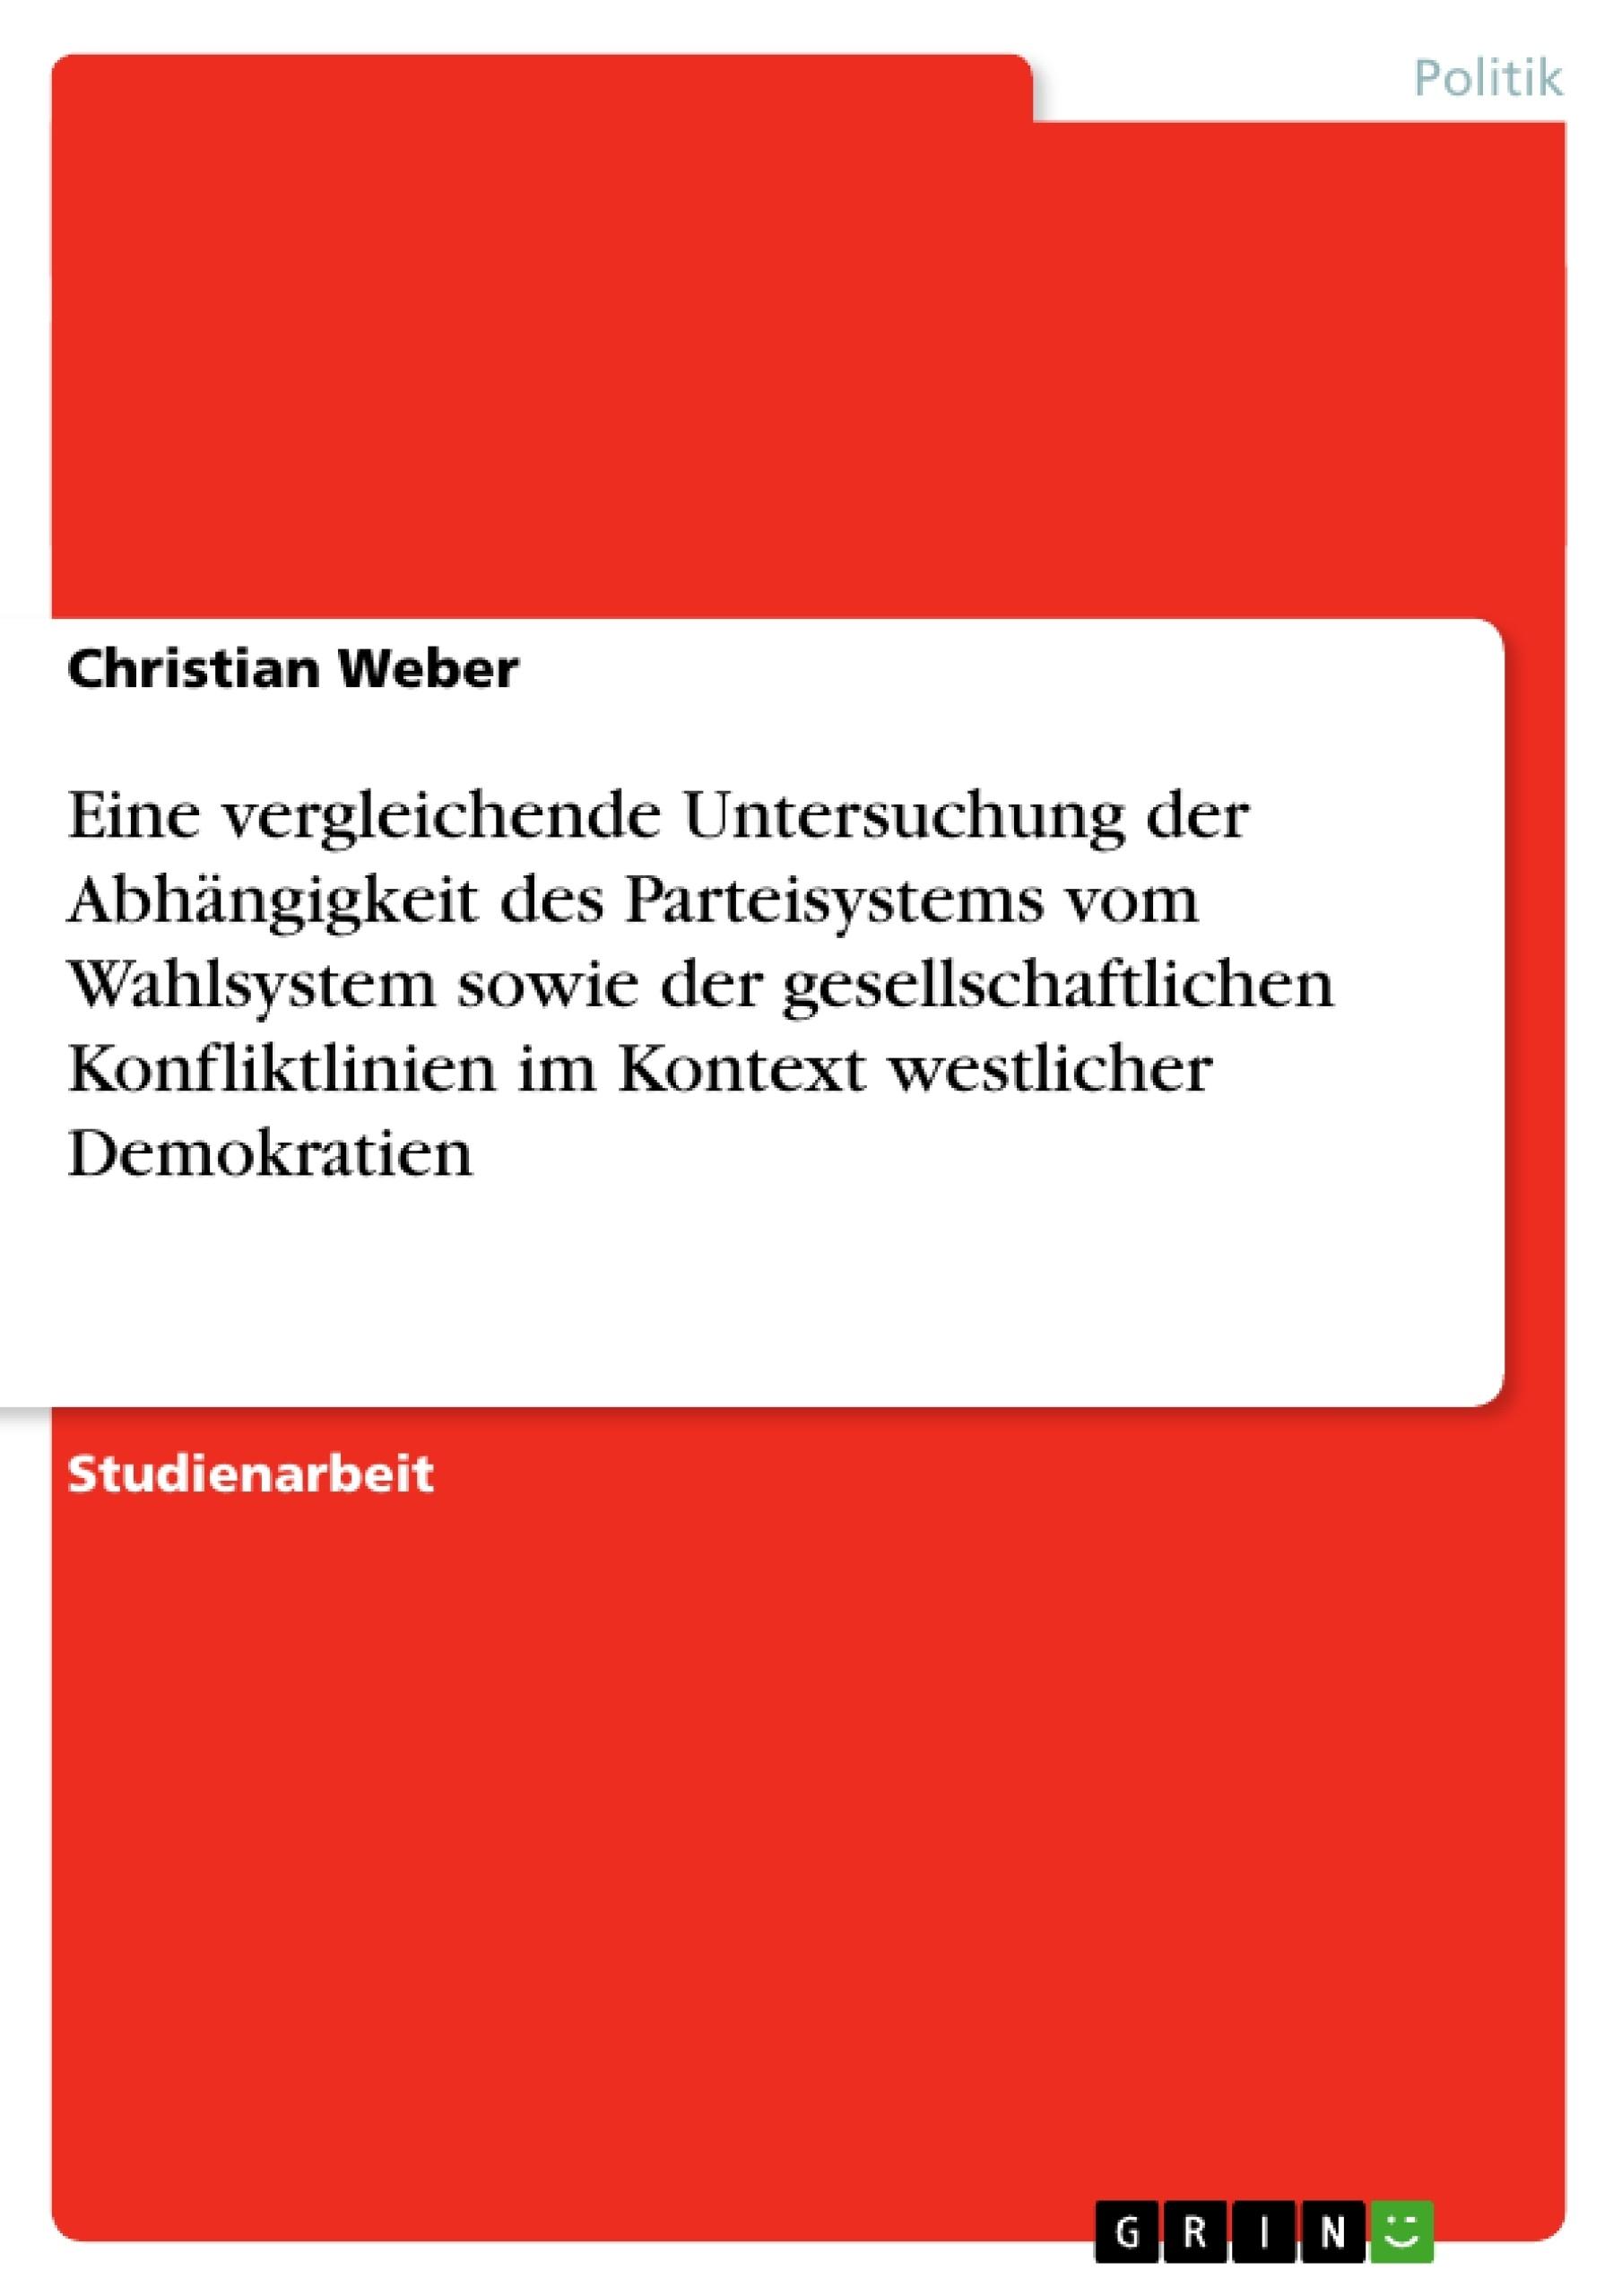 Titel: Eine vergleichende Untersuchung der Abhängigkeit des Parteisystems vom Wahlsystem sowie der gesellschaftlichen Konfliktlinien im Kontext westlicher Demokratien